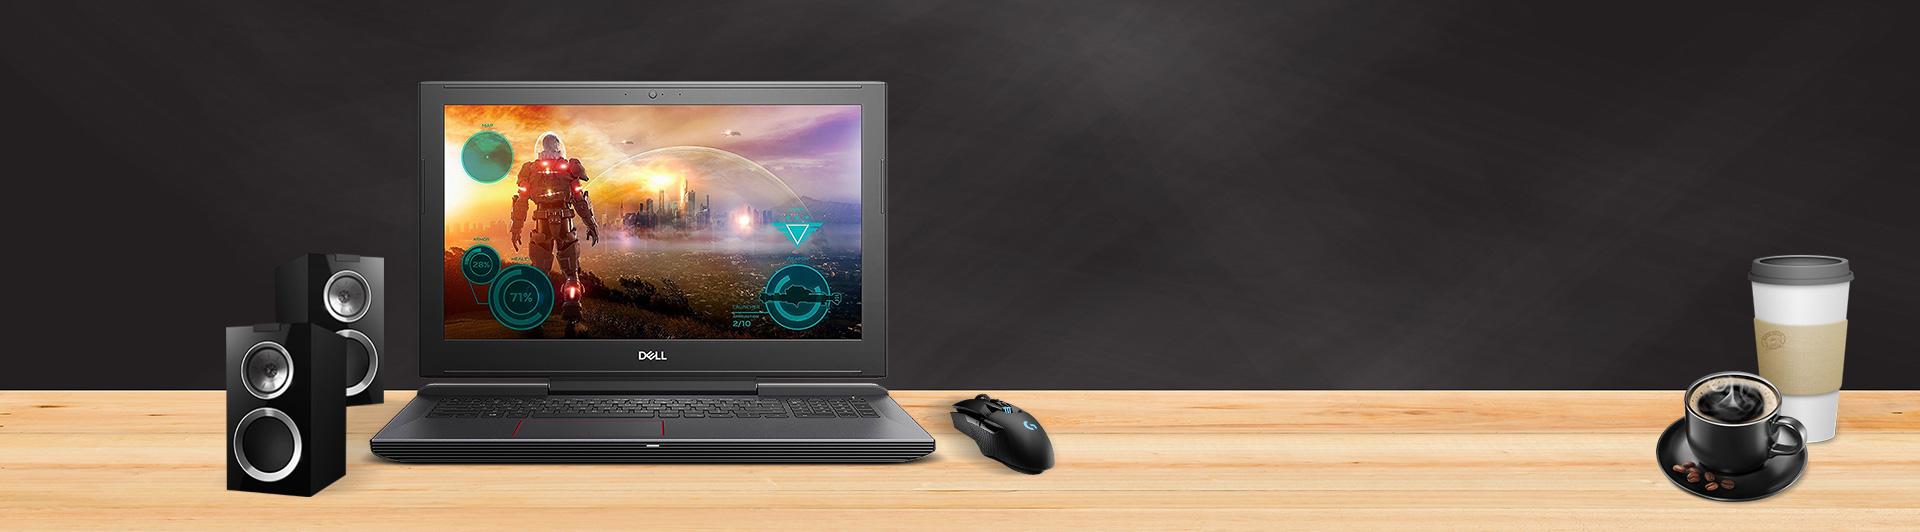 Laptop Dell Inspiron 15 7577 (N7577A - P65F001) mặt trước